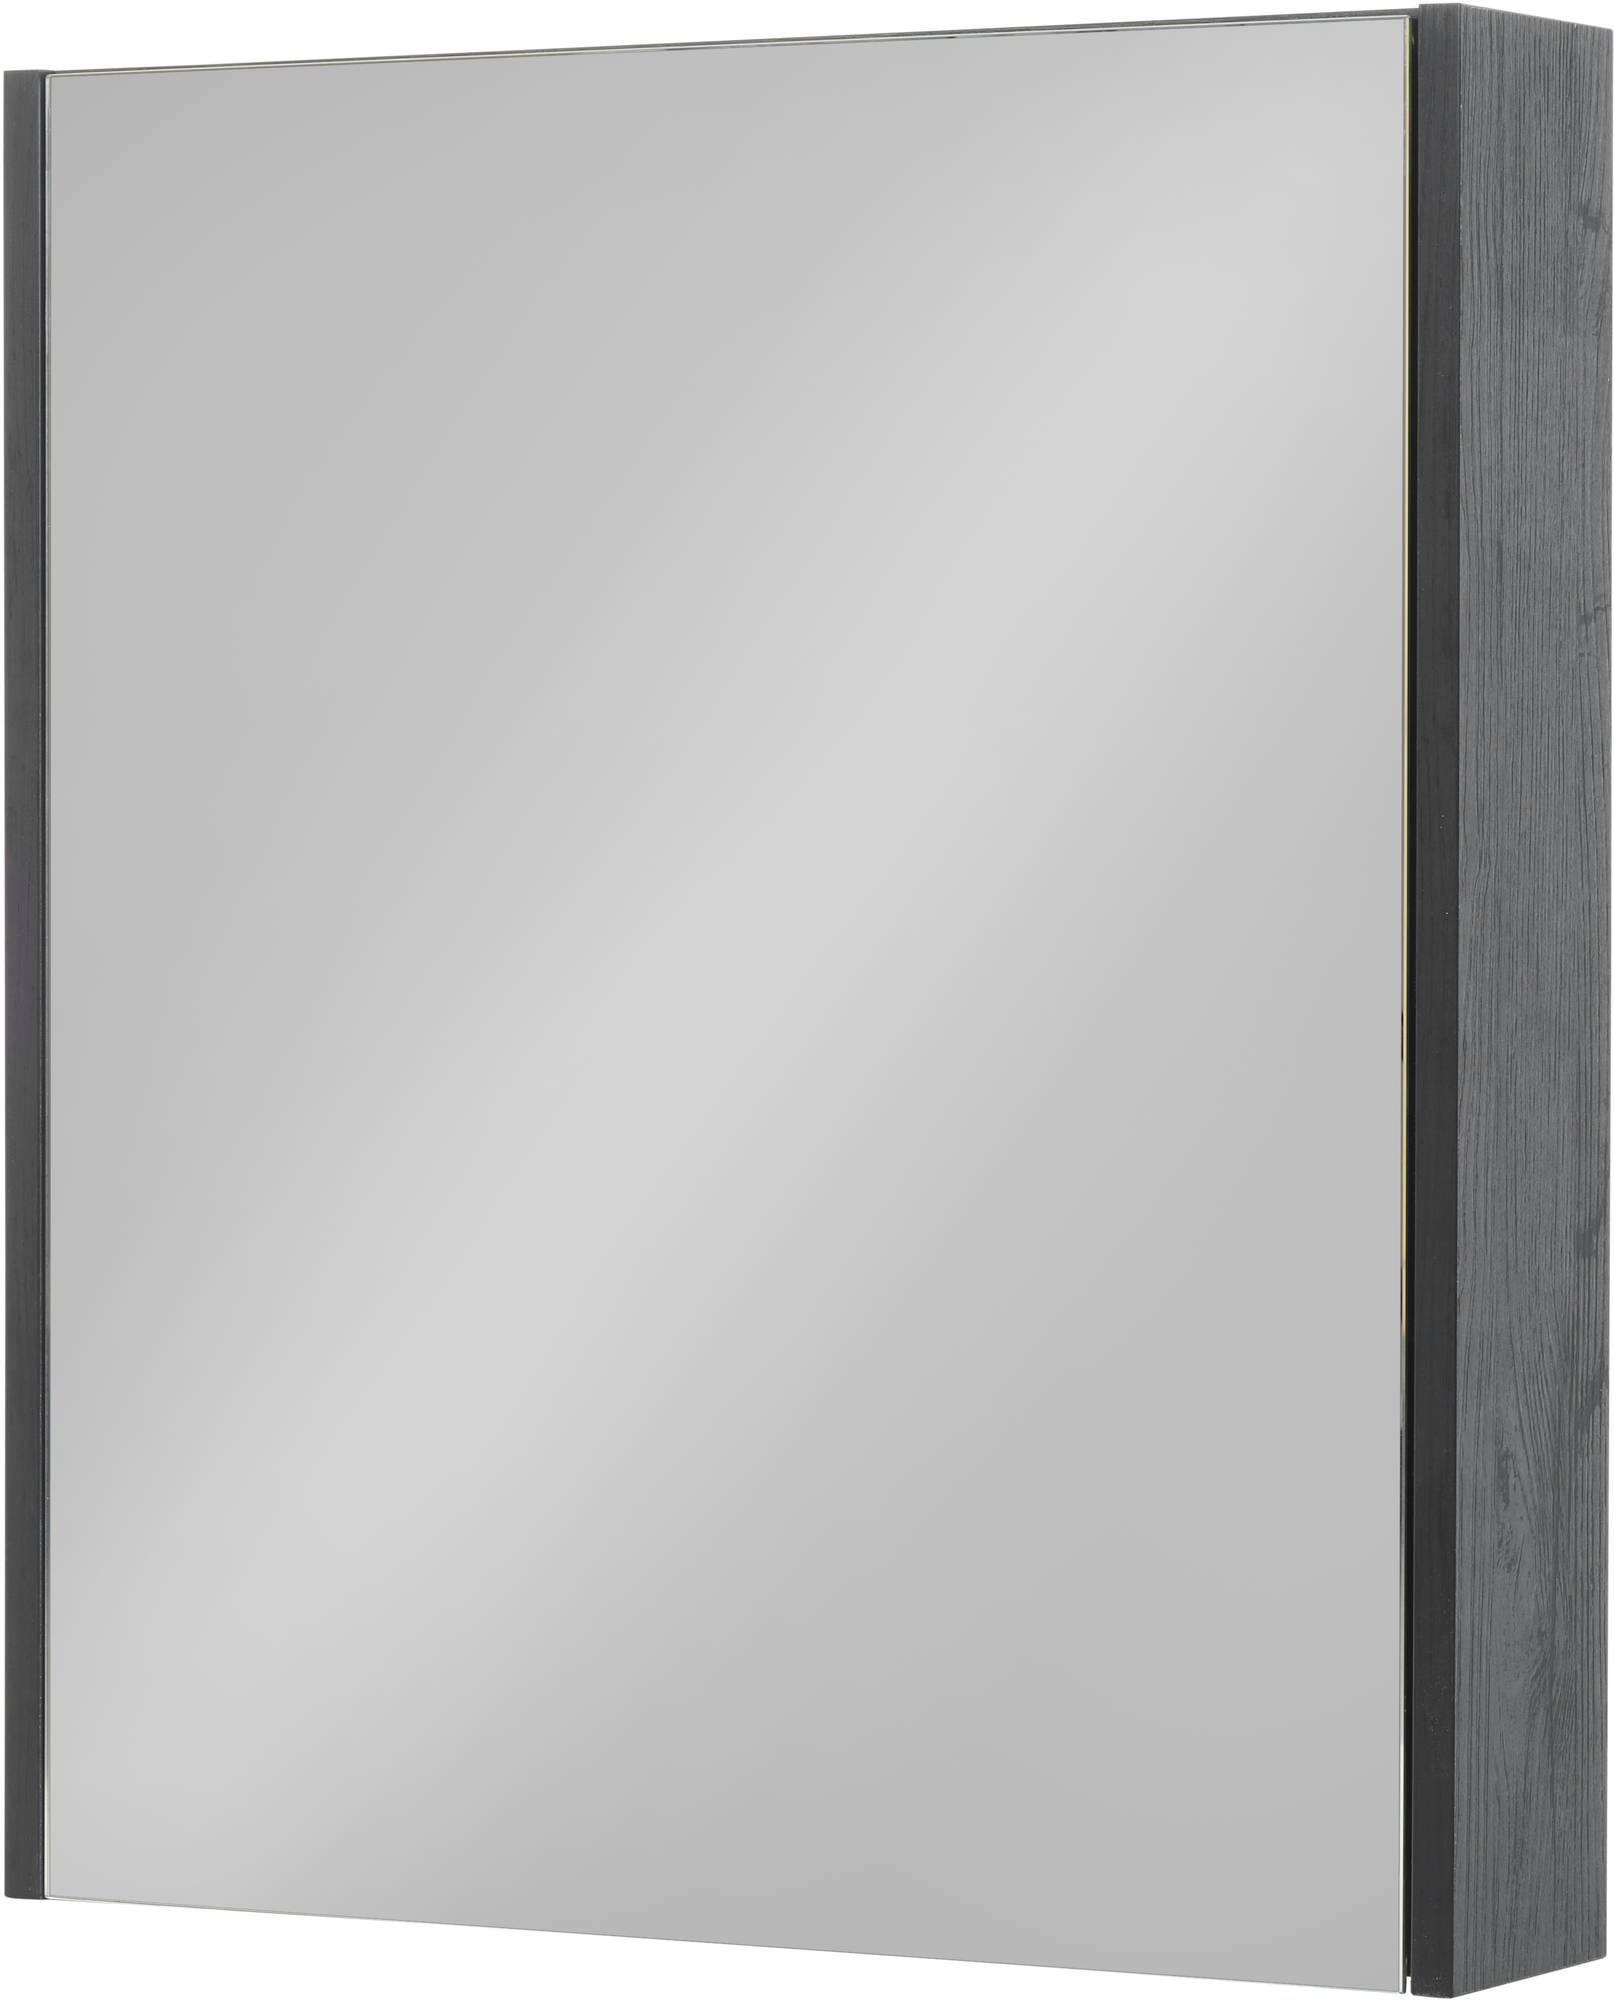 Saniselect Socan Spiegelkast 60x14x70 cm Eiken Zwart